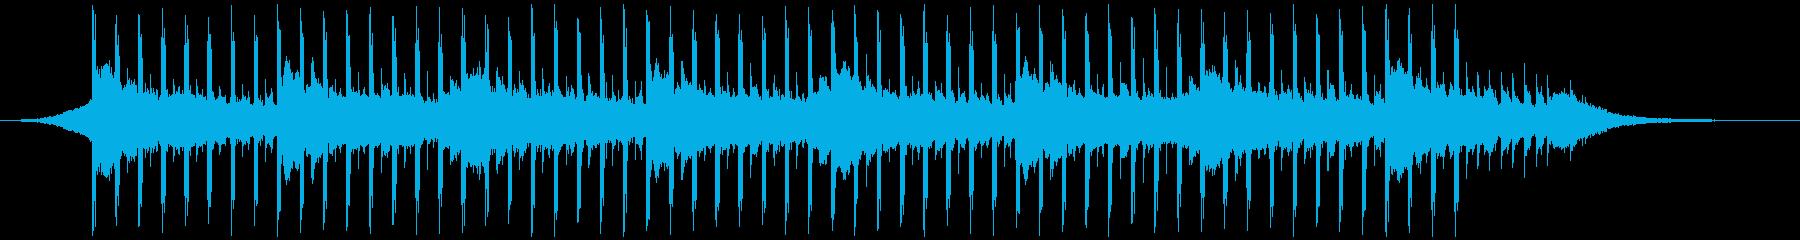 プレゼンテーション音楽(40秒)の再生済みの波形